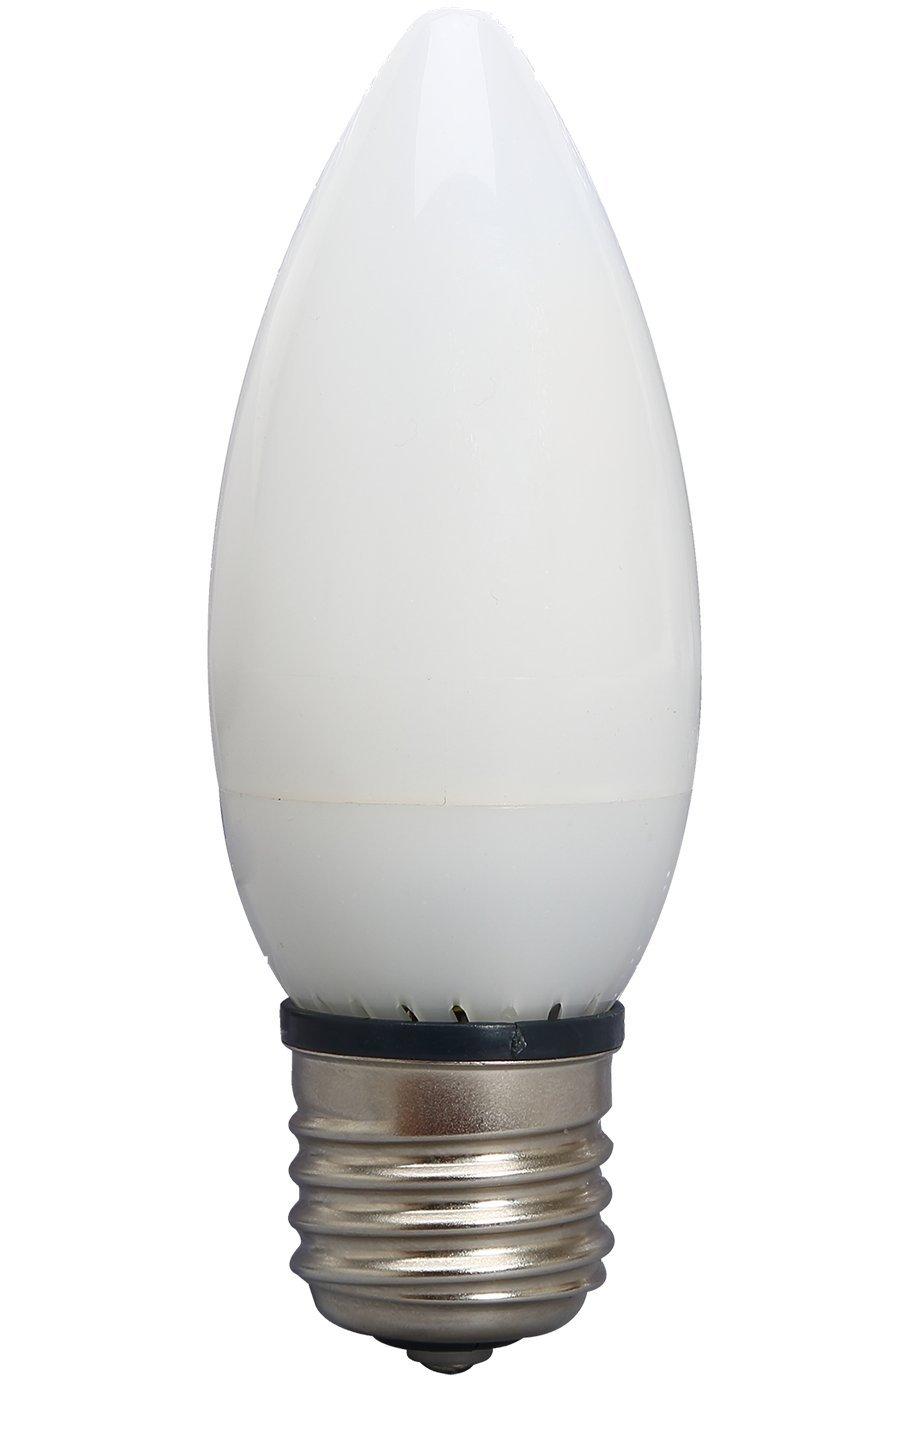 Viribright 25 Watt Equivalent, fully dimmable, B10, Chandelier, E26 Base, Warm White (2700K), LED Light Bulb, Pack of 6 - - Amazon.com